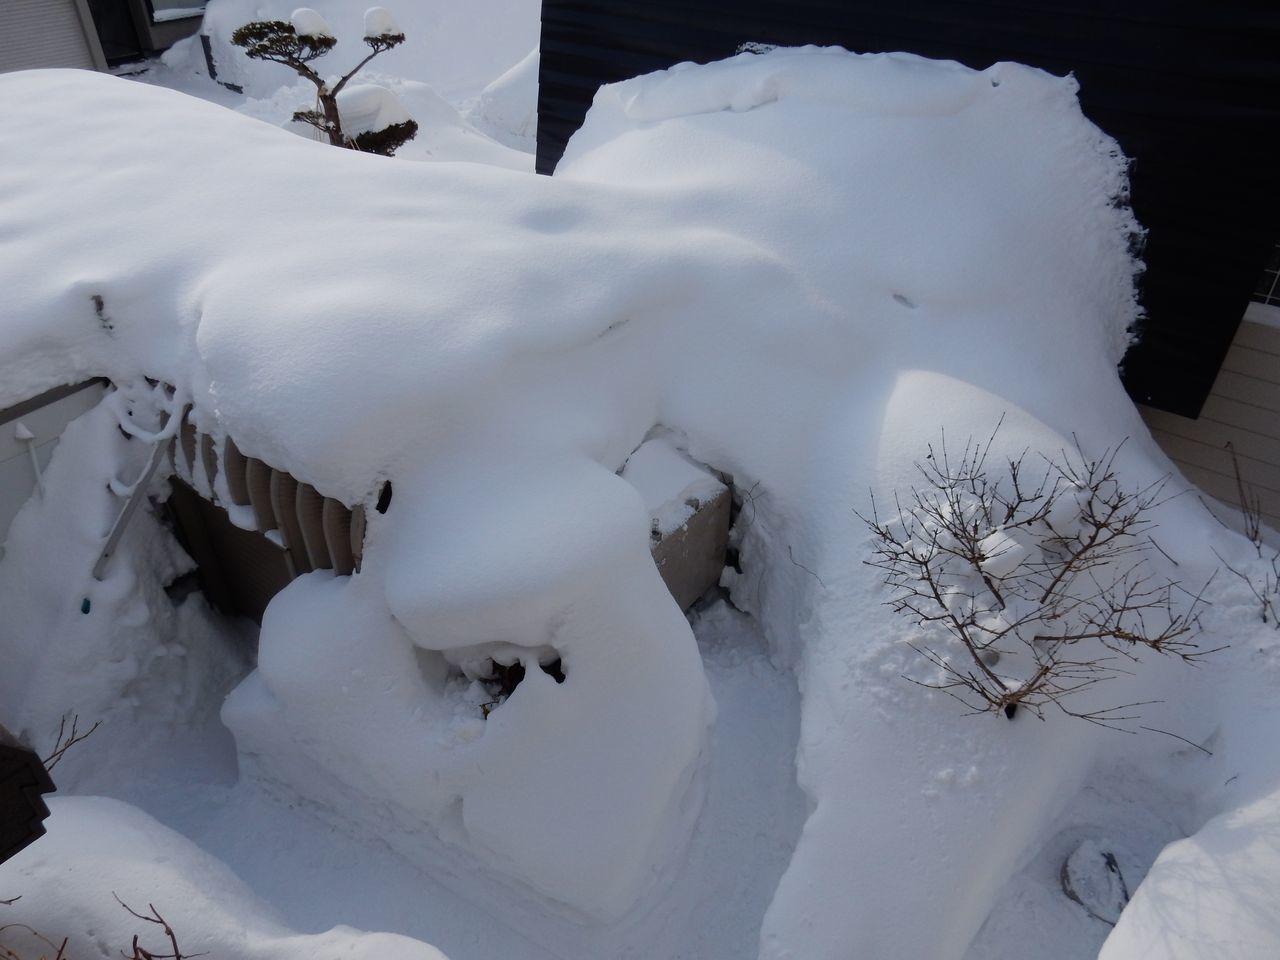 ギリギリながらも10日ぶりに真冬日を脱する_c0025115_21472350.jpg